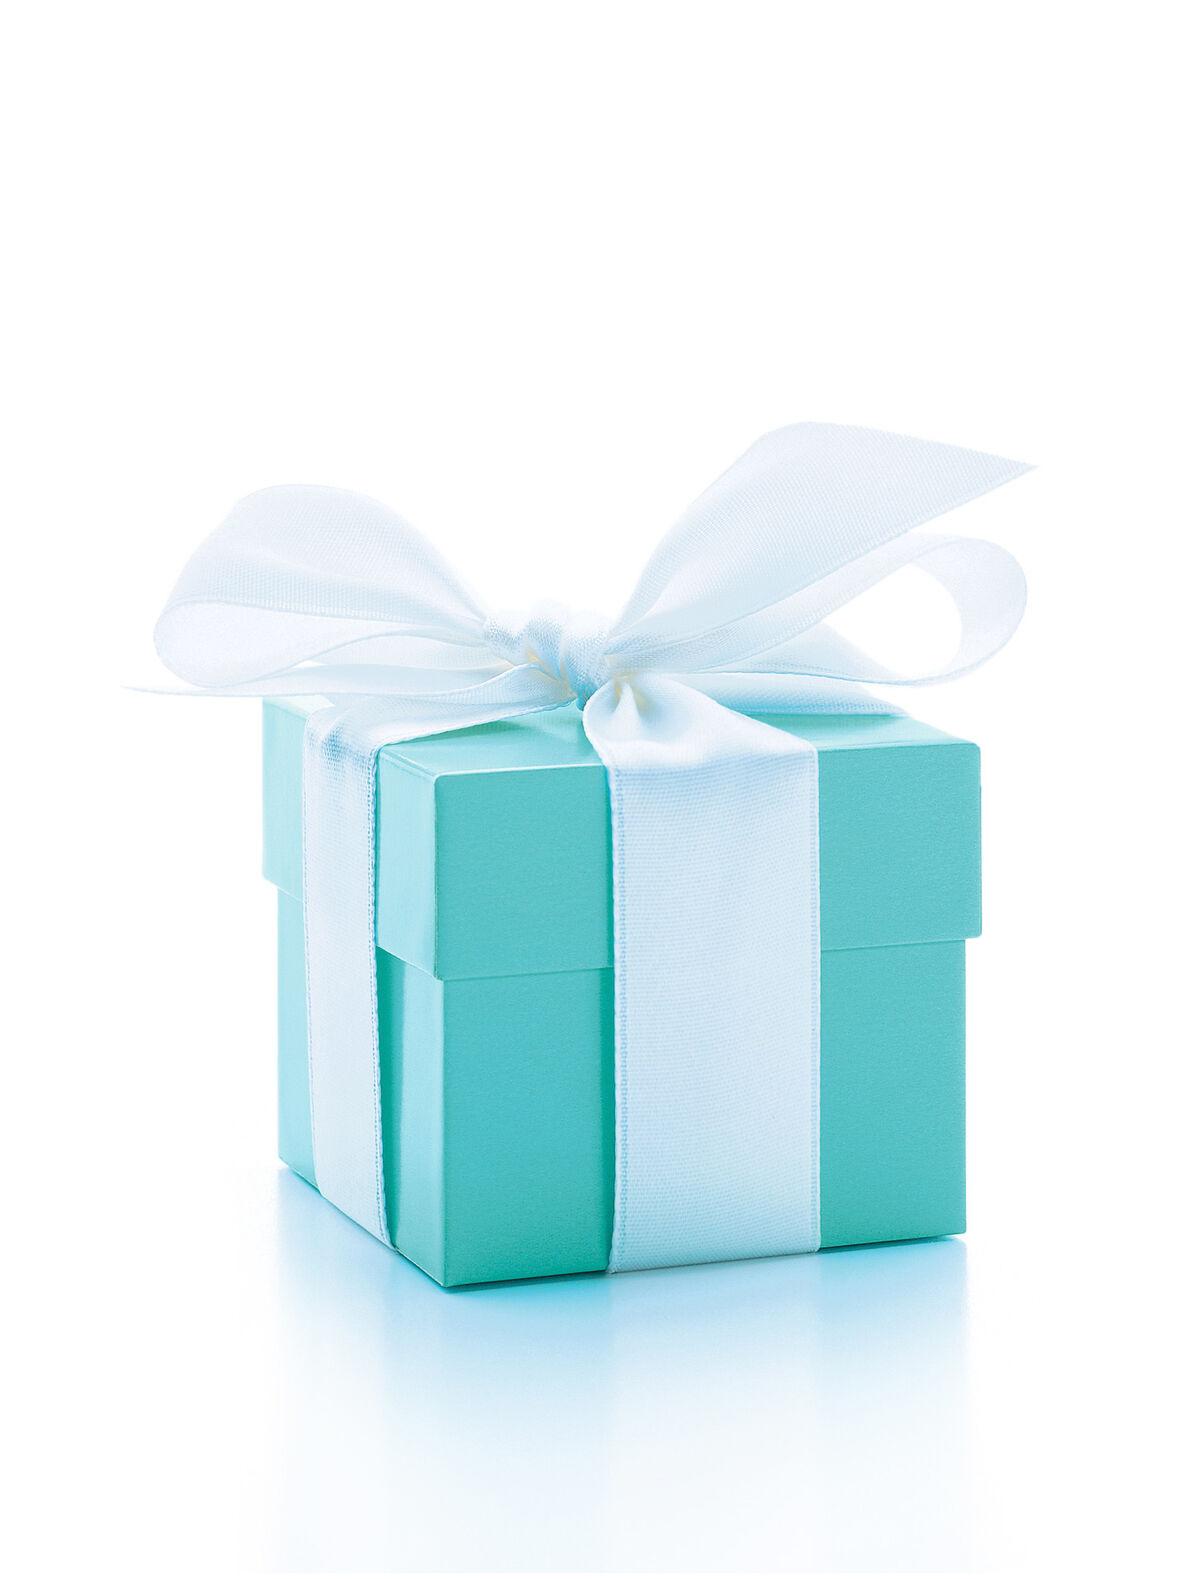 Tiffany Blue Box®. © Tiffany & Co. Courtesy of the Tiffany & Co. Archives.